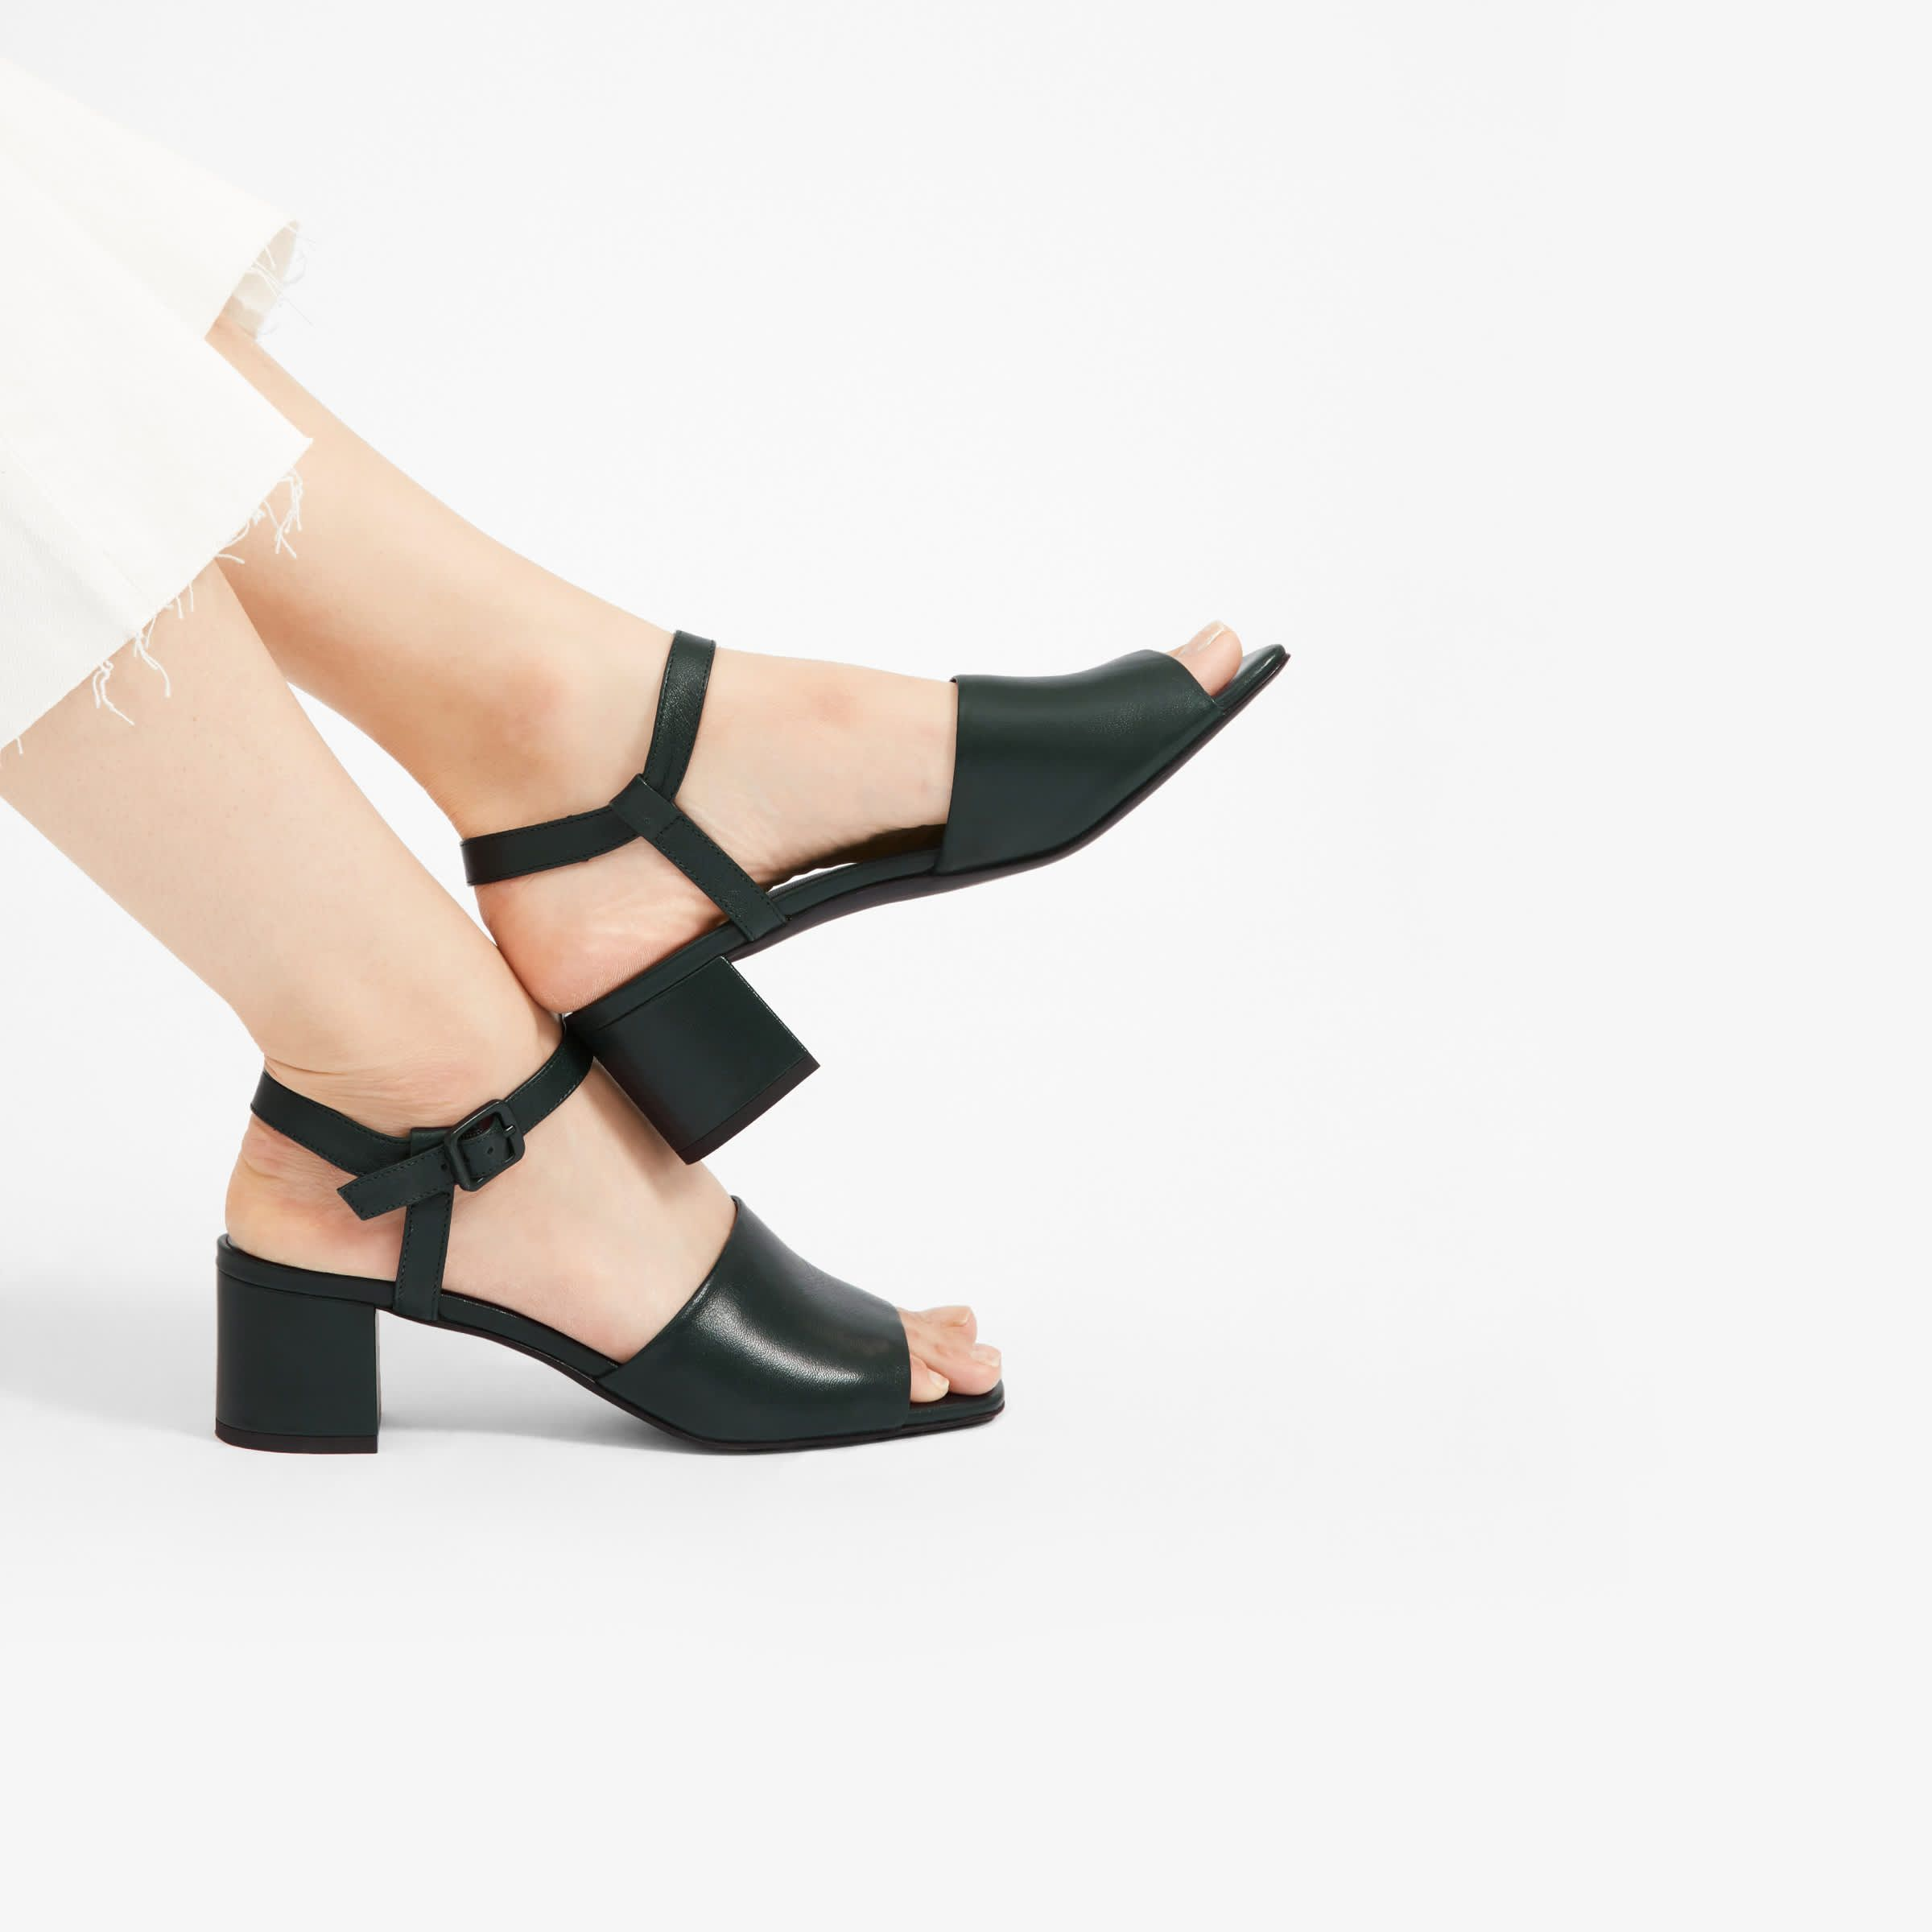 Women S Block Heel Sandal Dark Green Everlane Block Heels Sandal Black Block Heel Sandals Sandals Heels